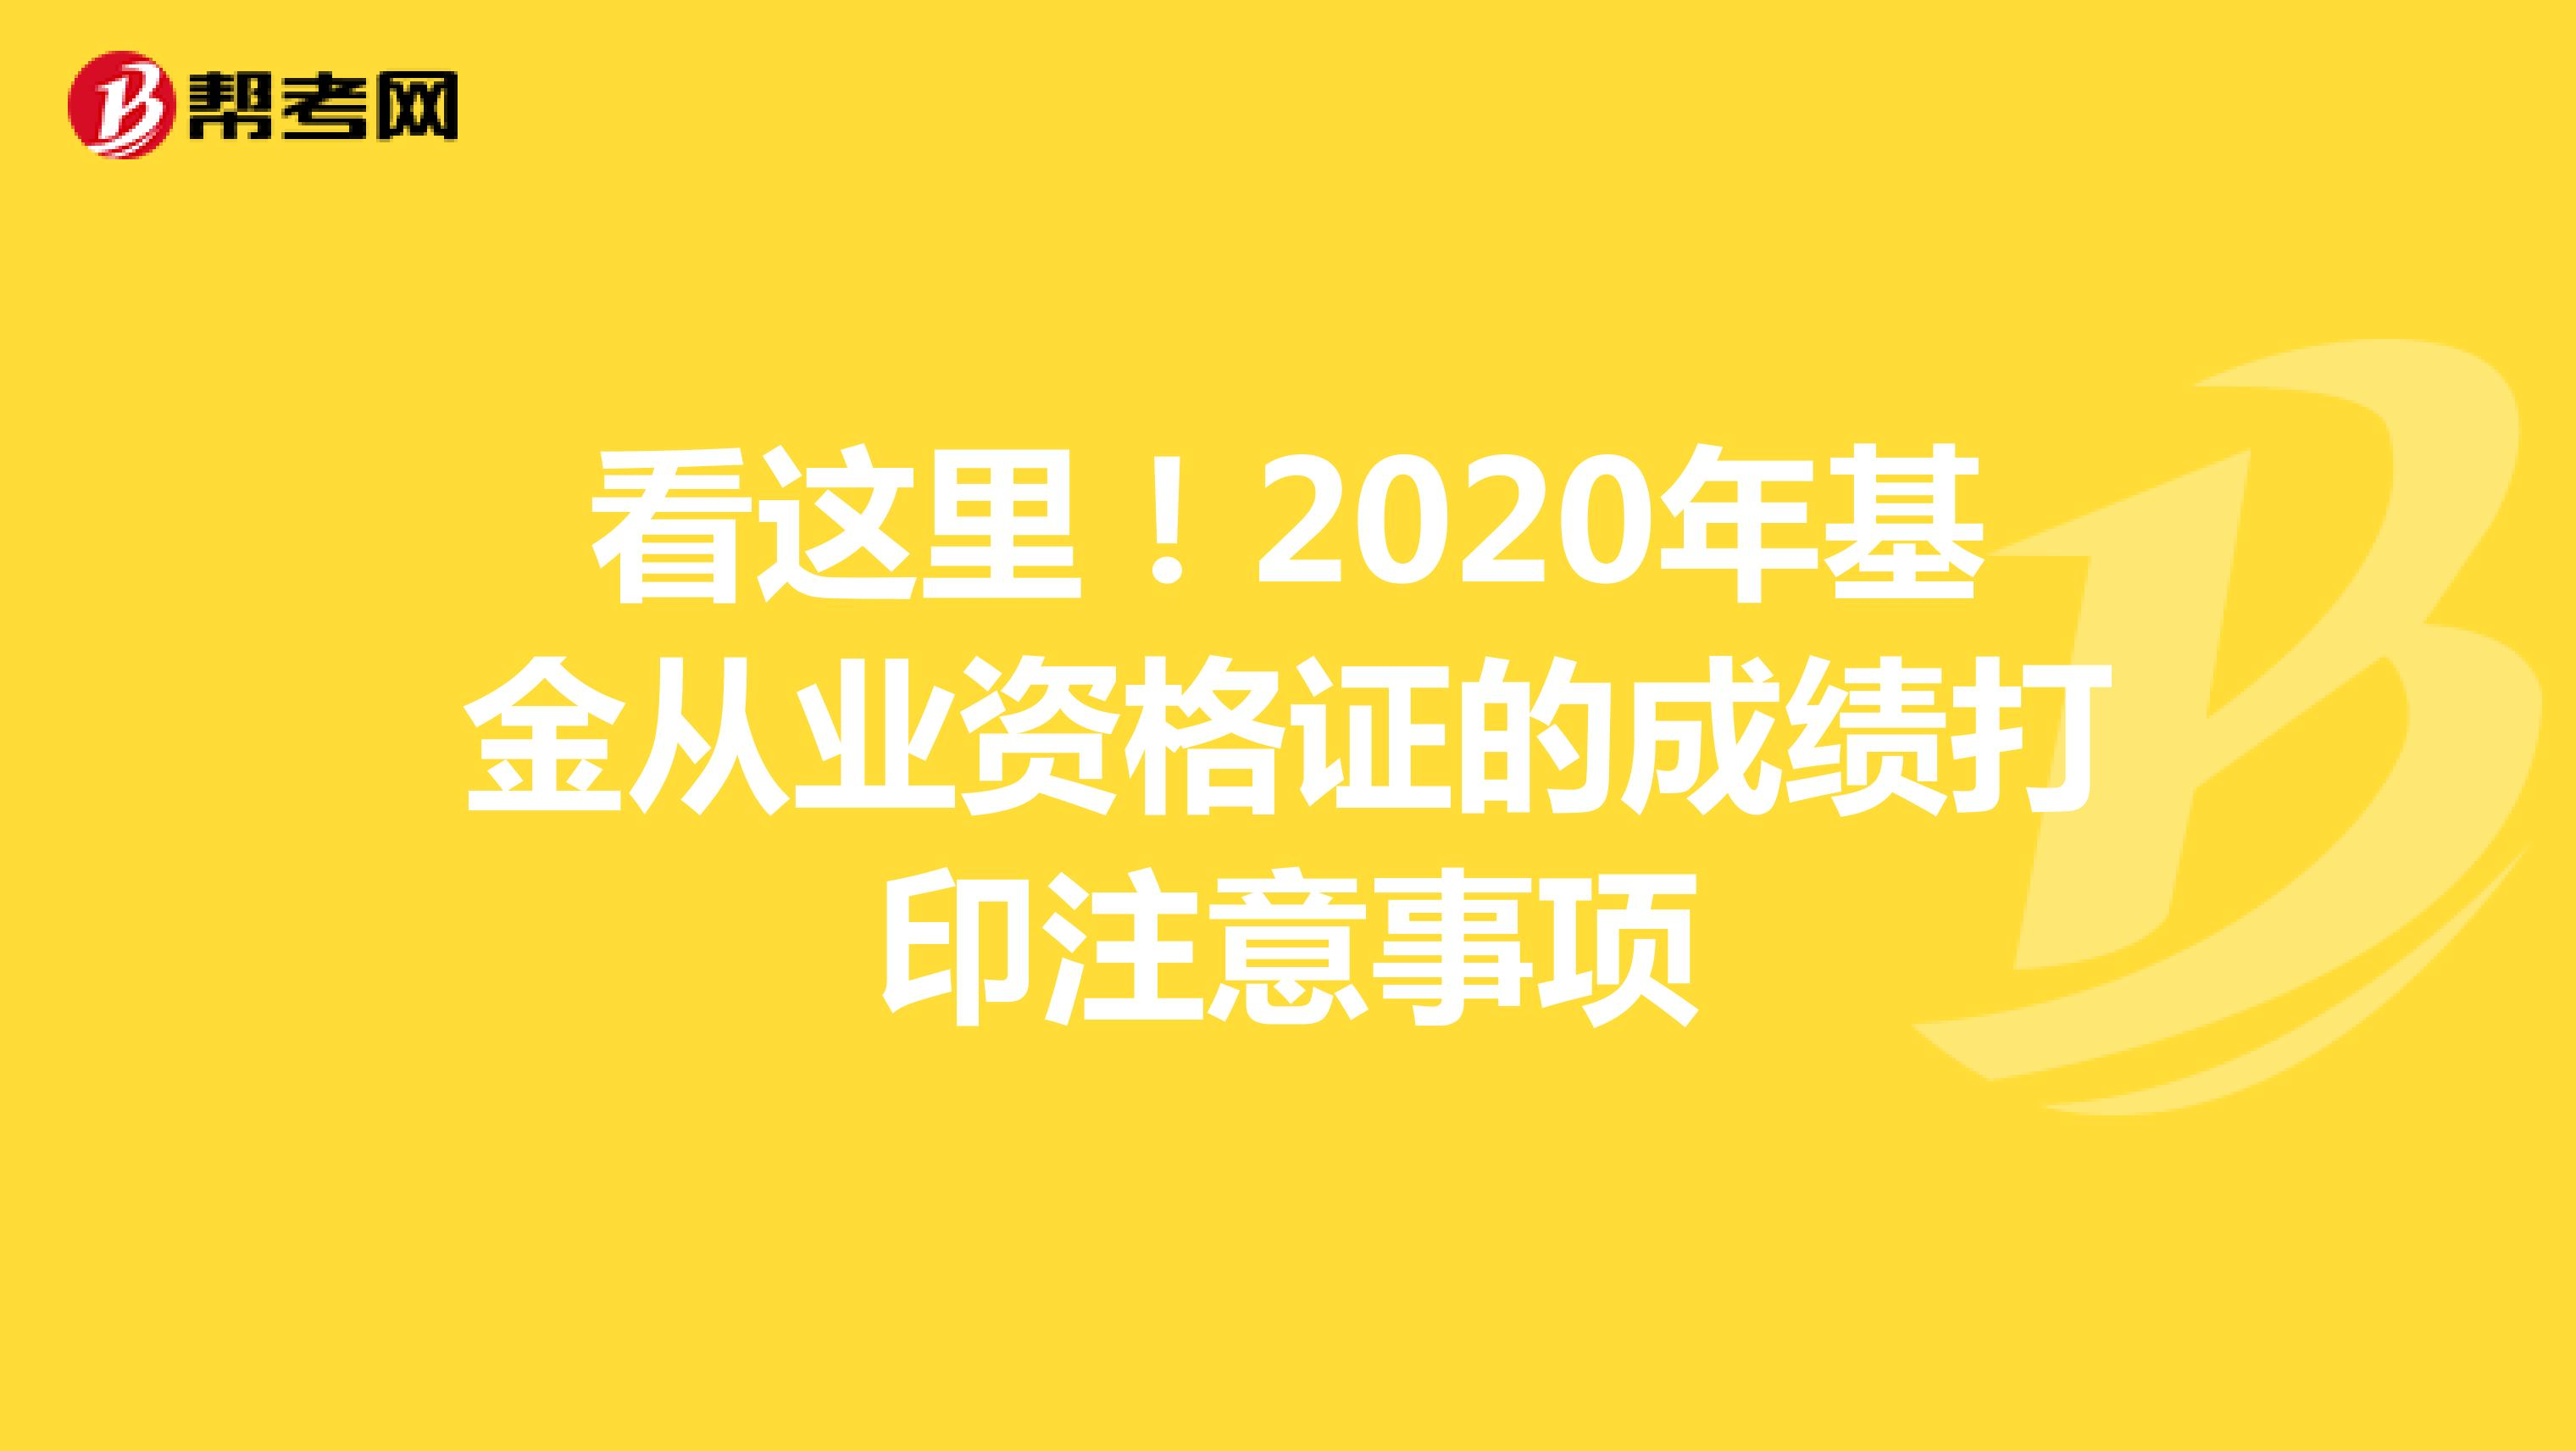 看这里!2020年基金从业资格证的成绩打印注意事项